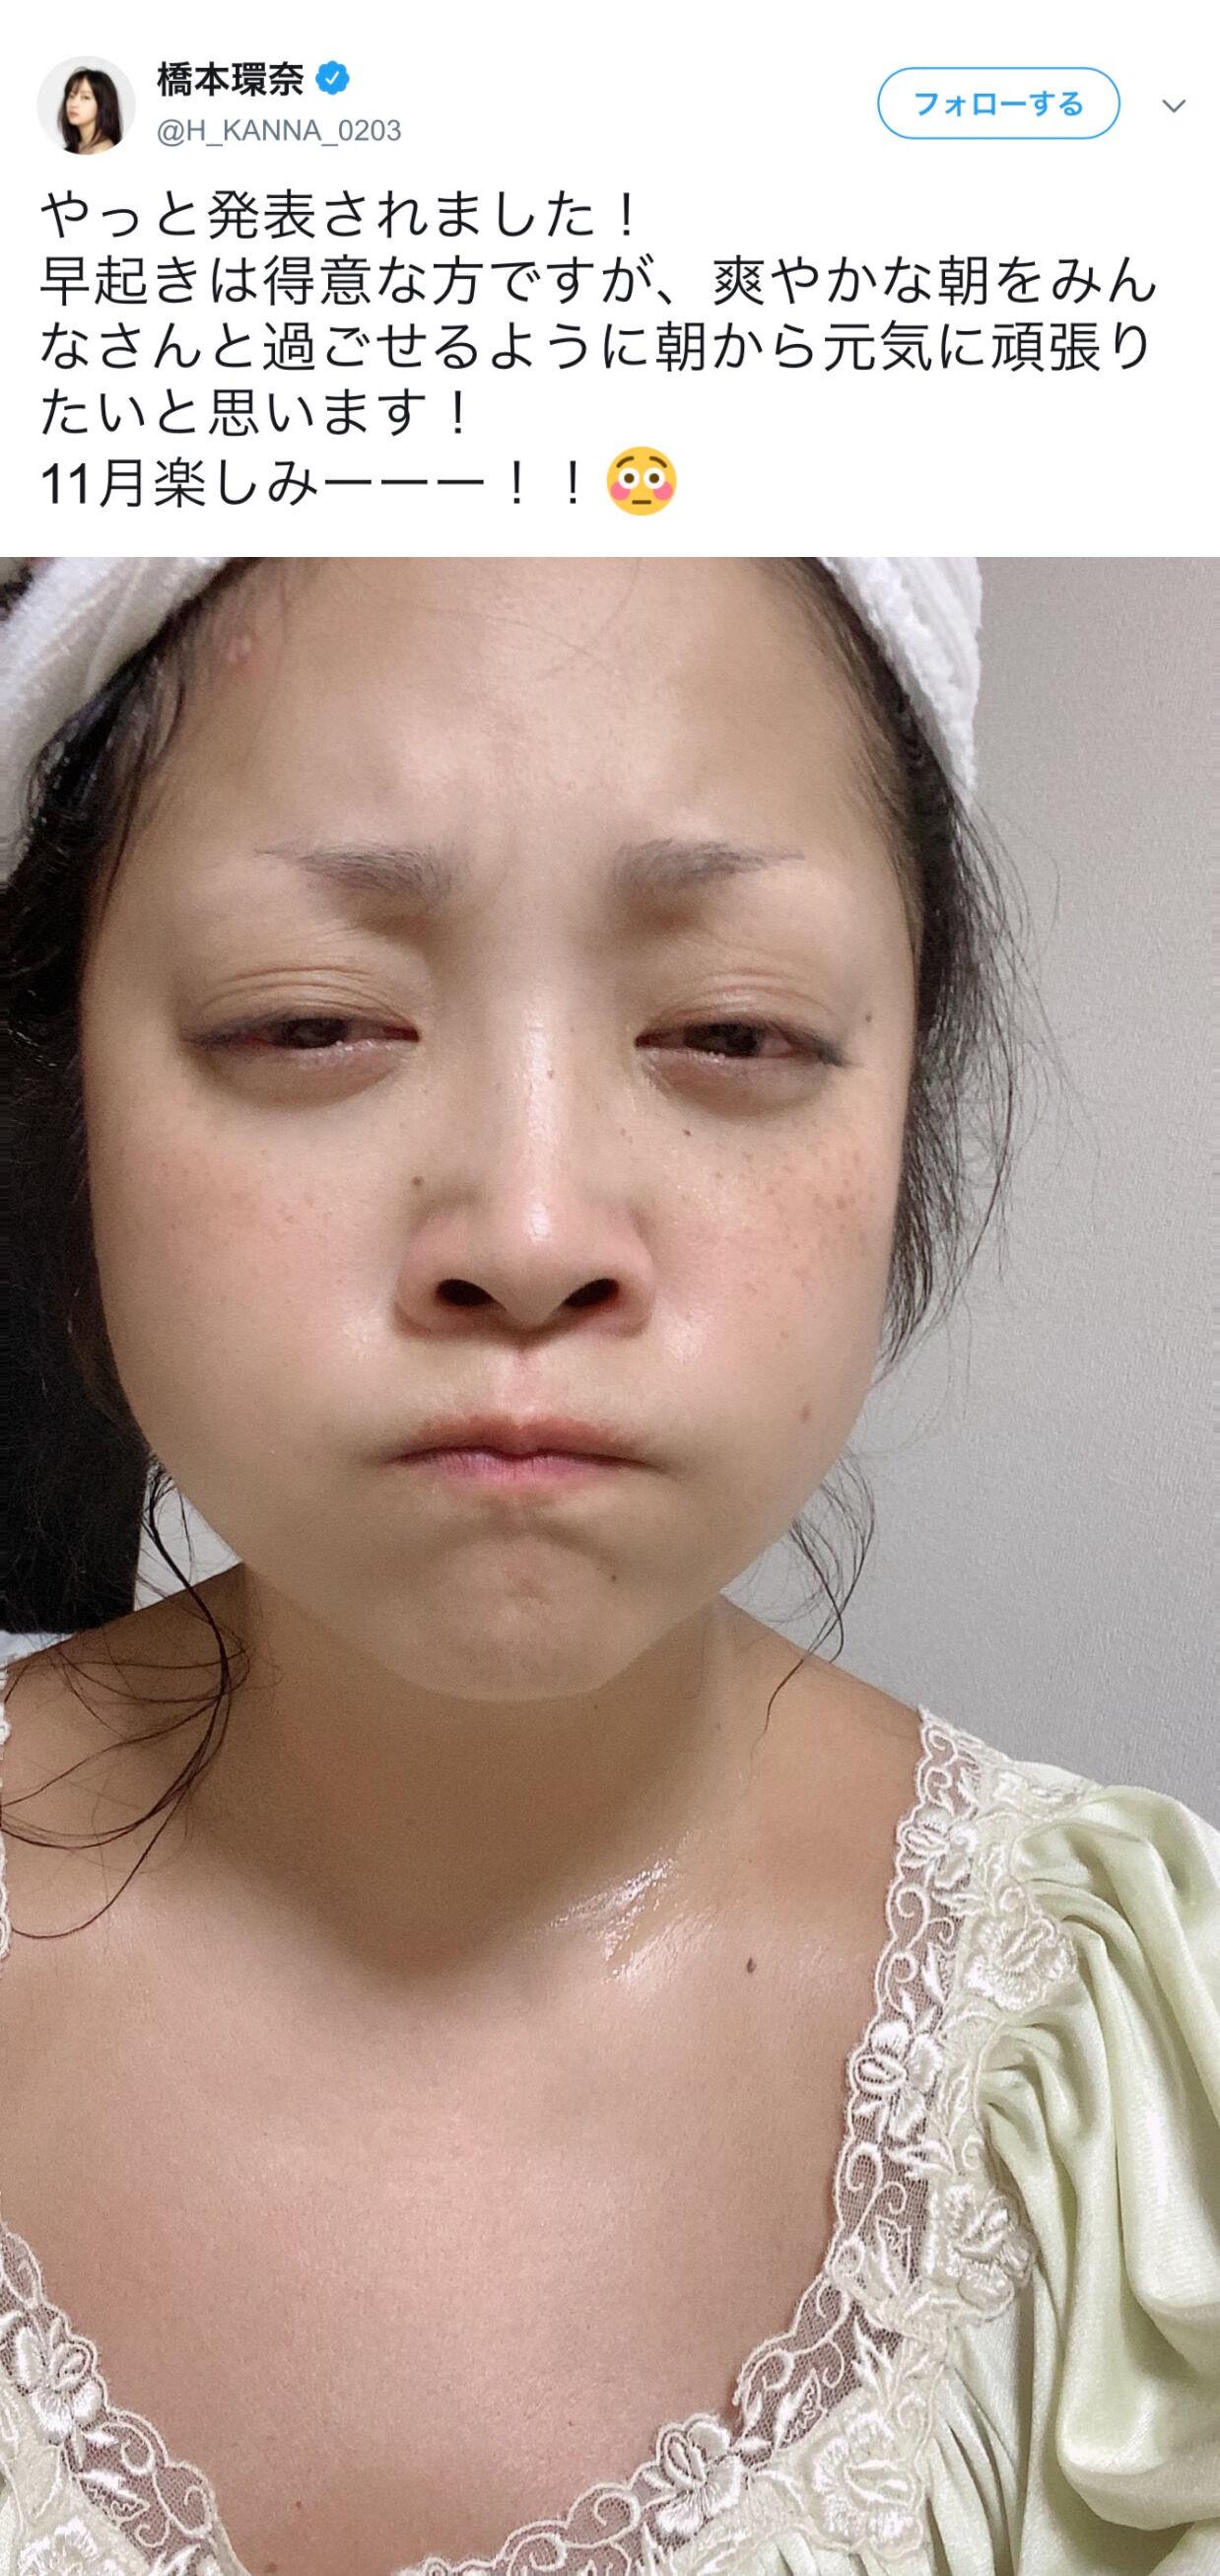 かんな すっぴん 橋本 橋本環奈、すっぴんを披露→顔のパーツが完璧すぎる